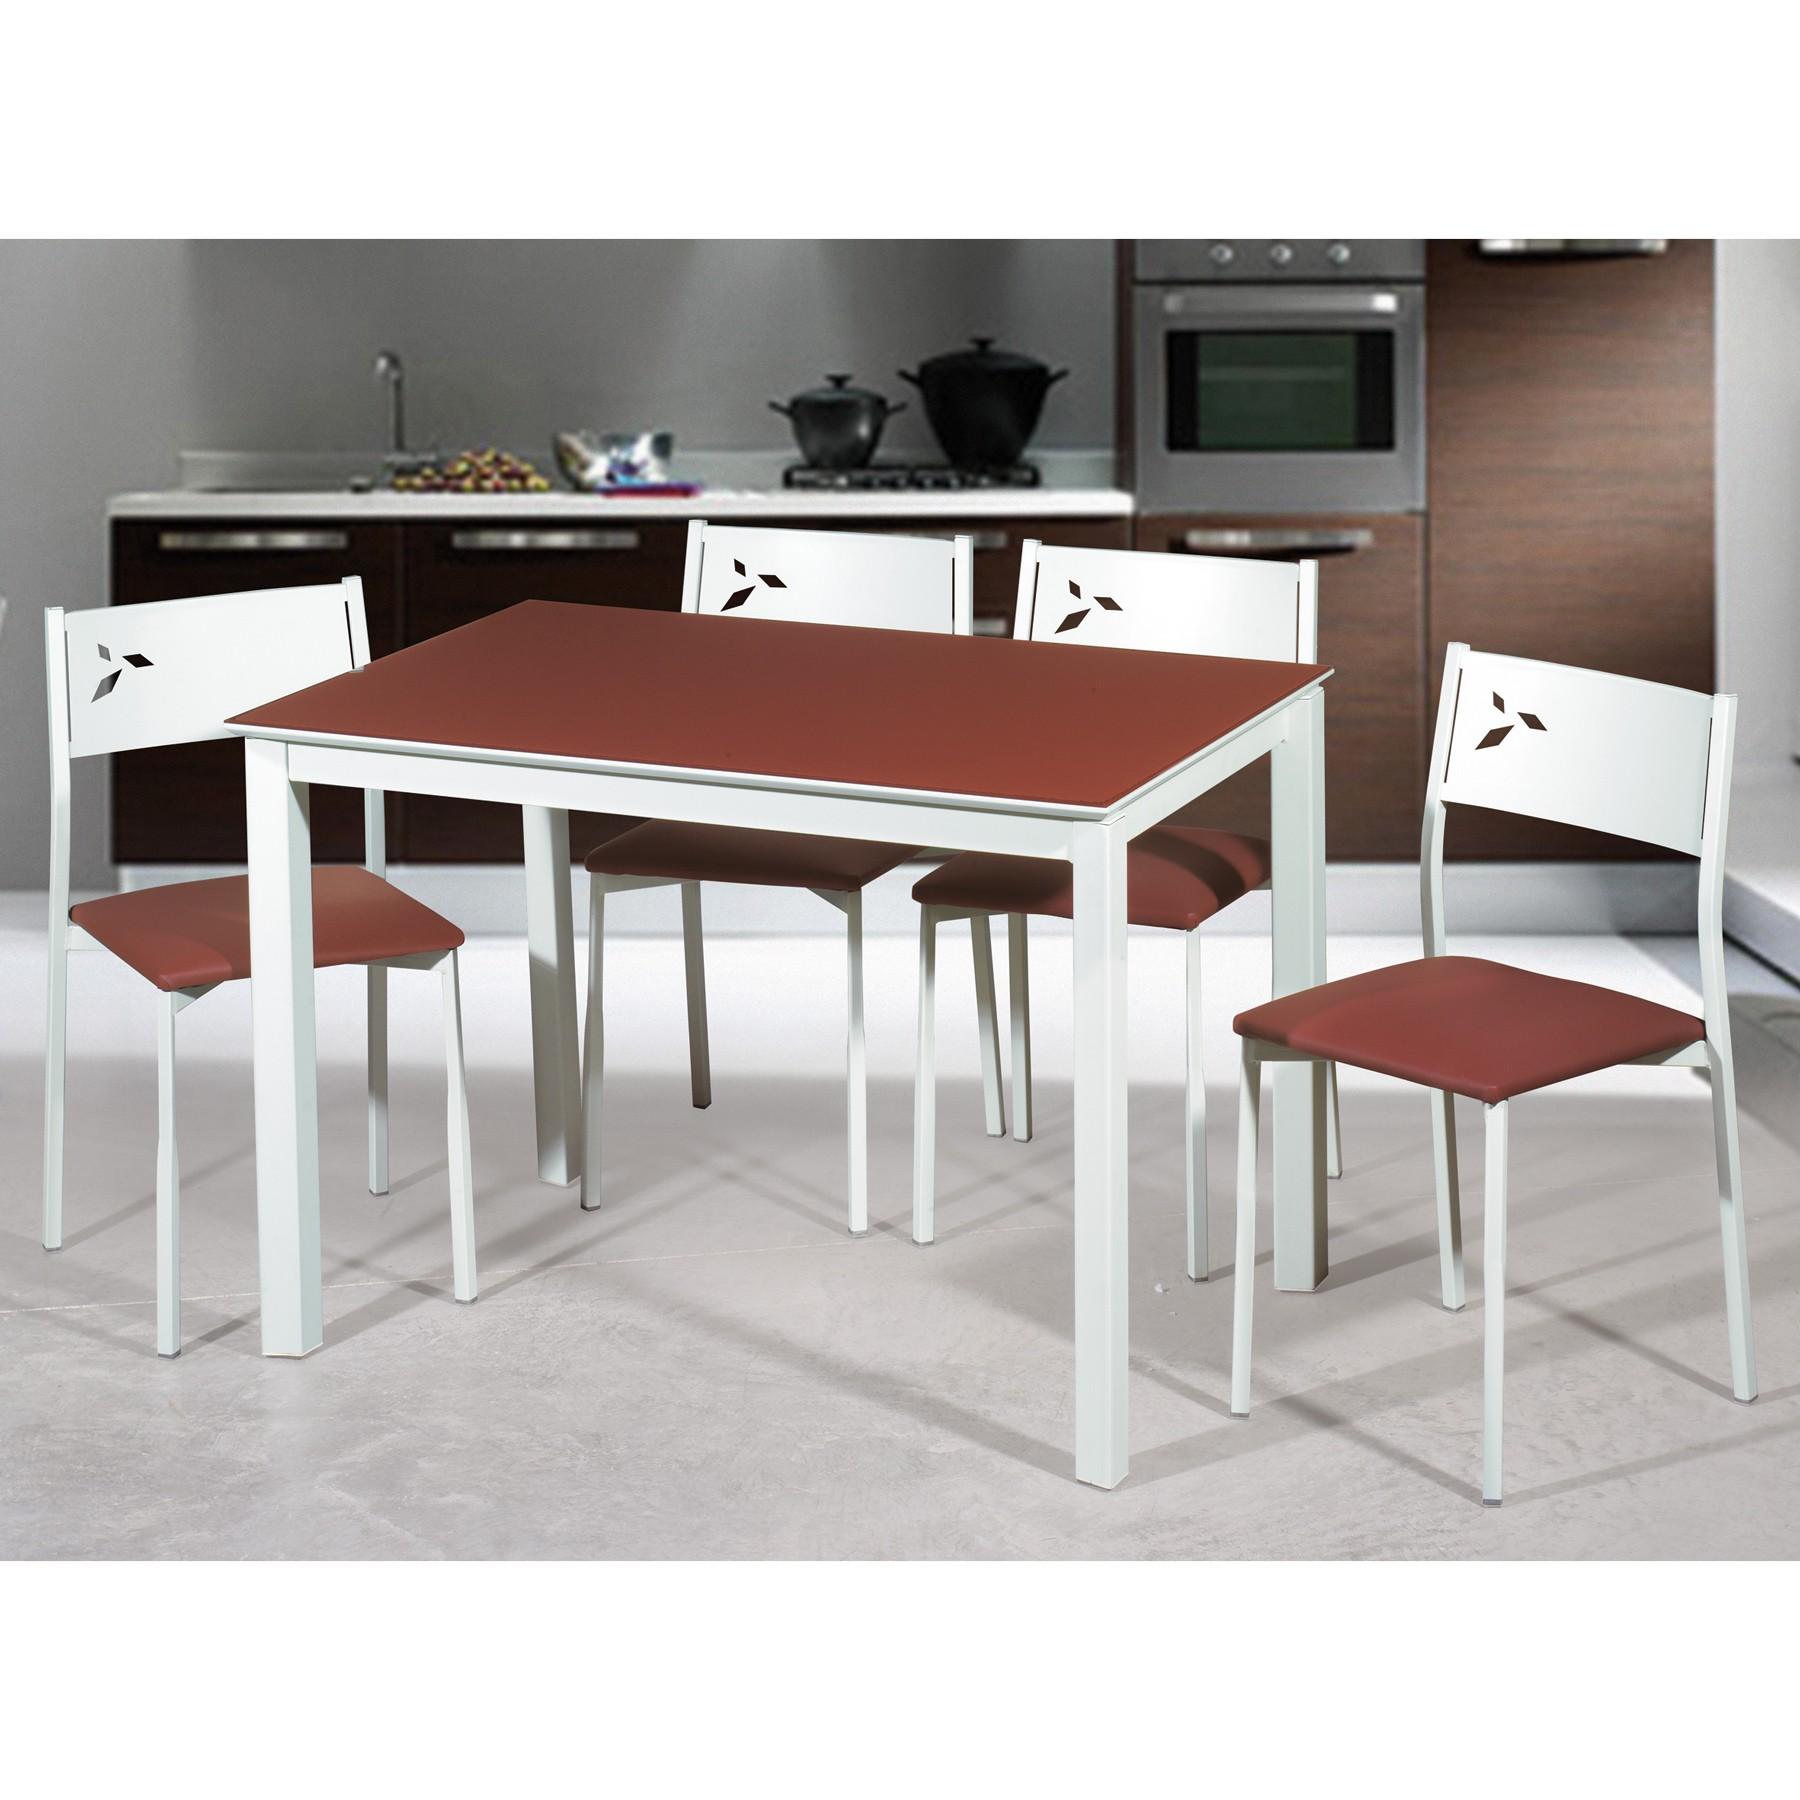 Mesa de cocina extensible lateral blanca white - Mesa de cocina blanca ...